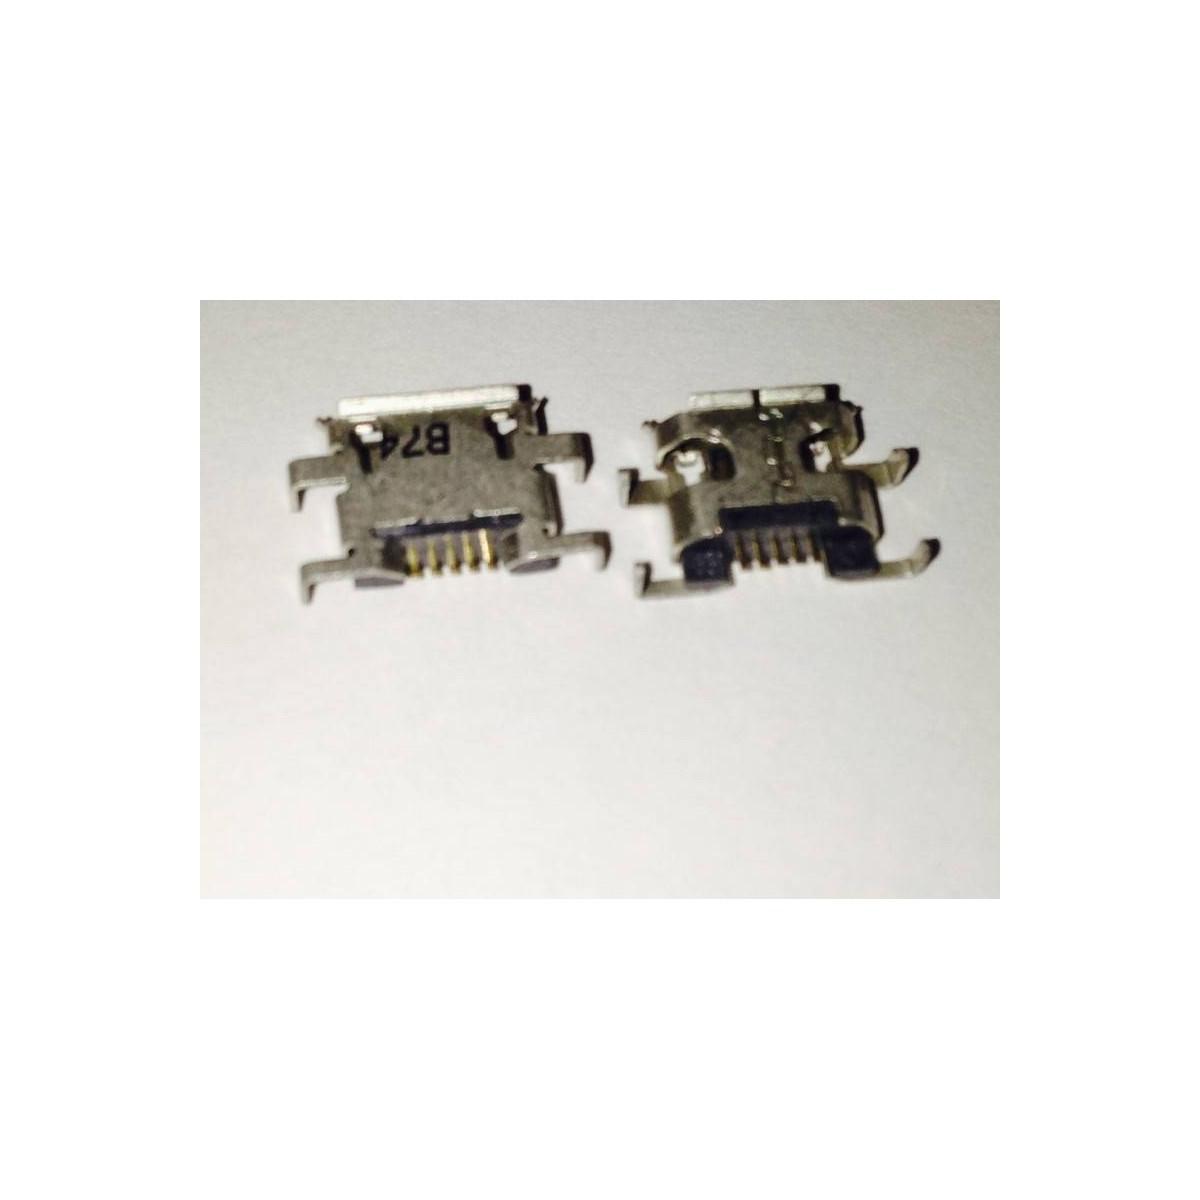 Conector de caga sony xperia M